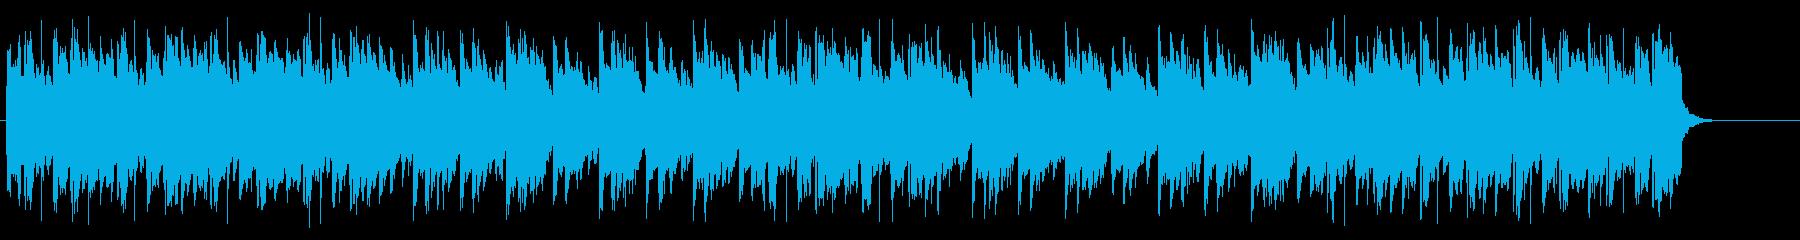 淡々としたアコースティックなBGMの再生済みの波形